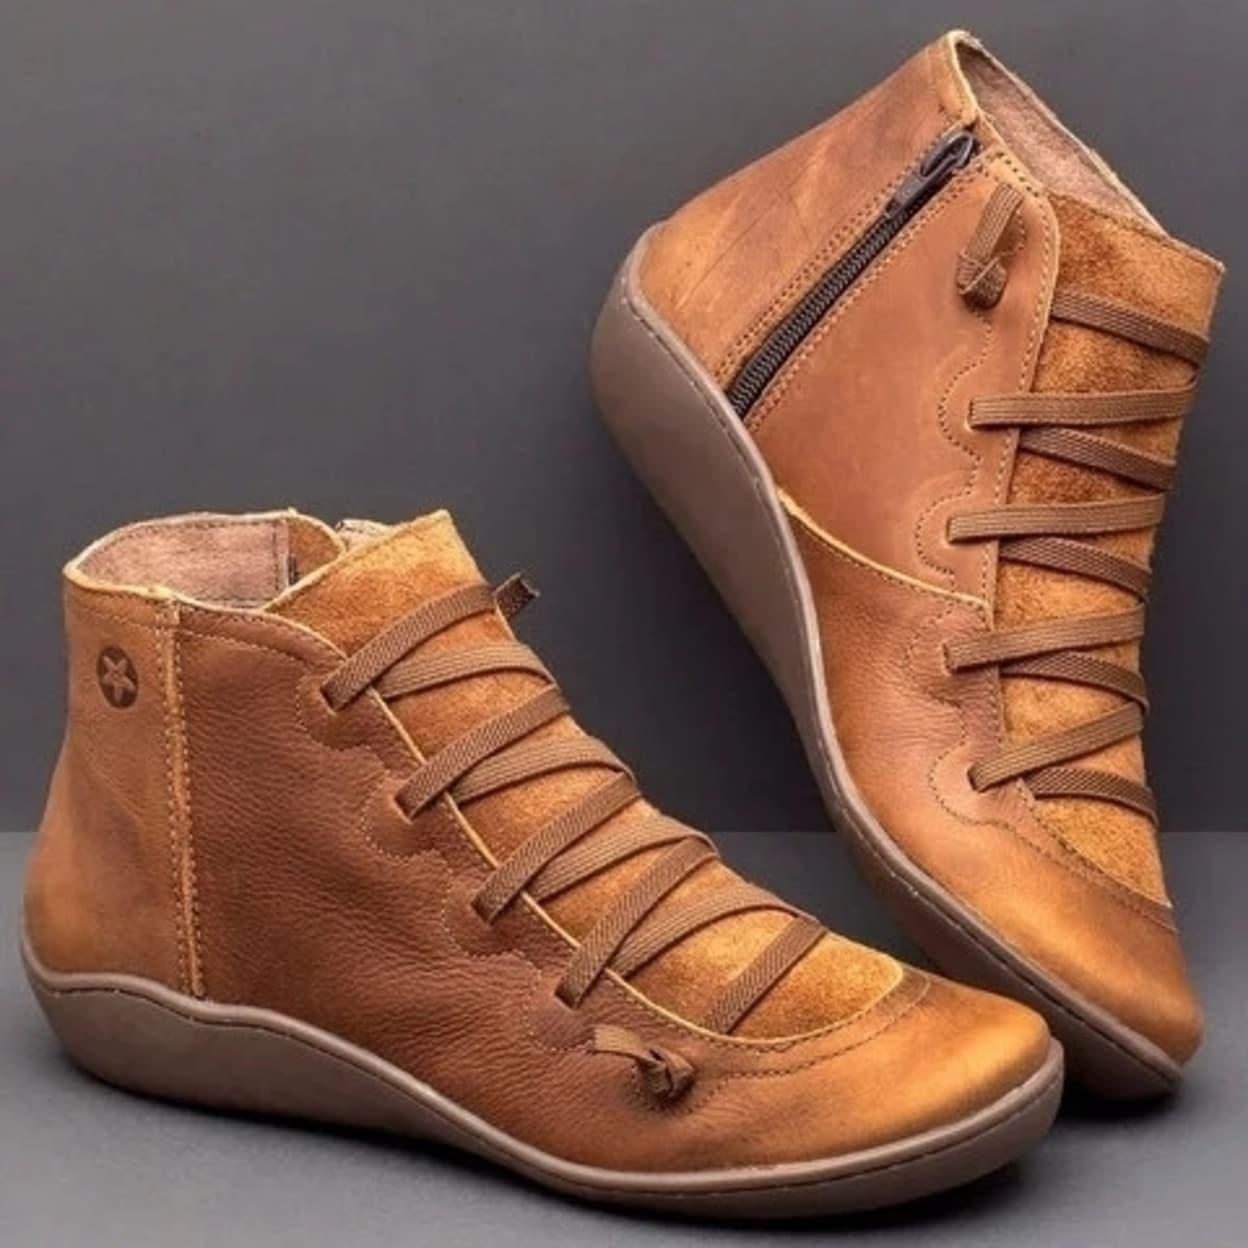 Boots Zipper Booties - Overstock